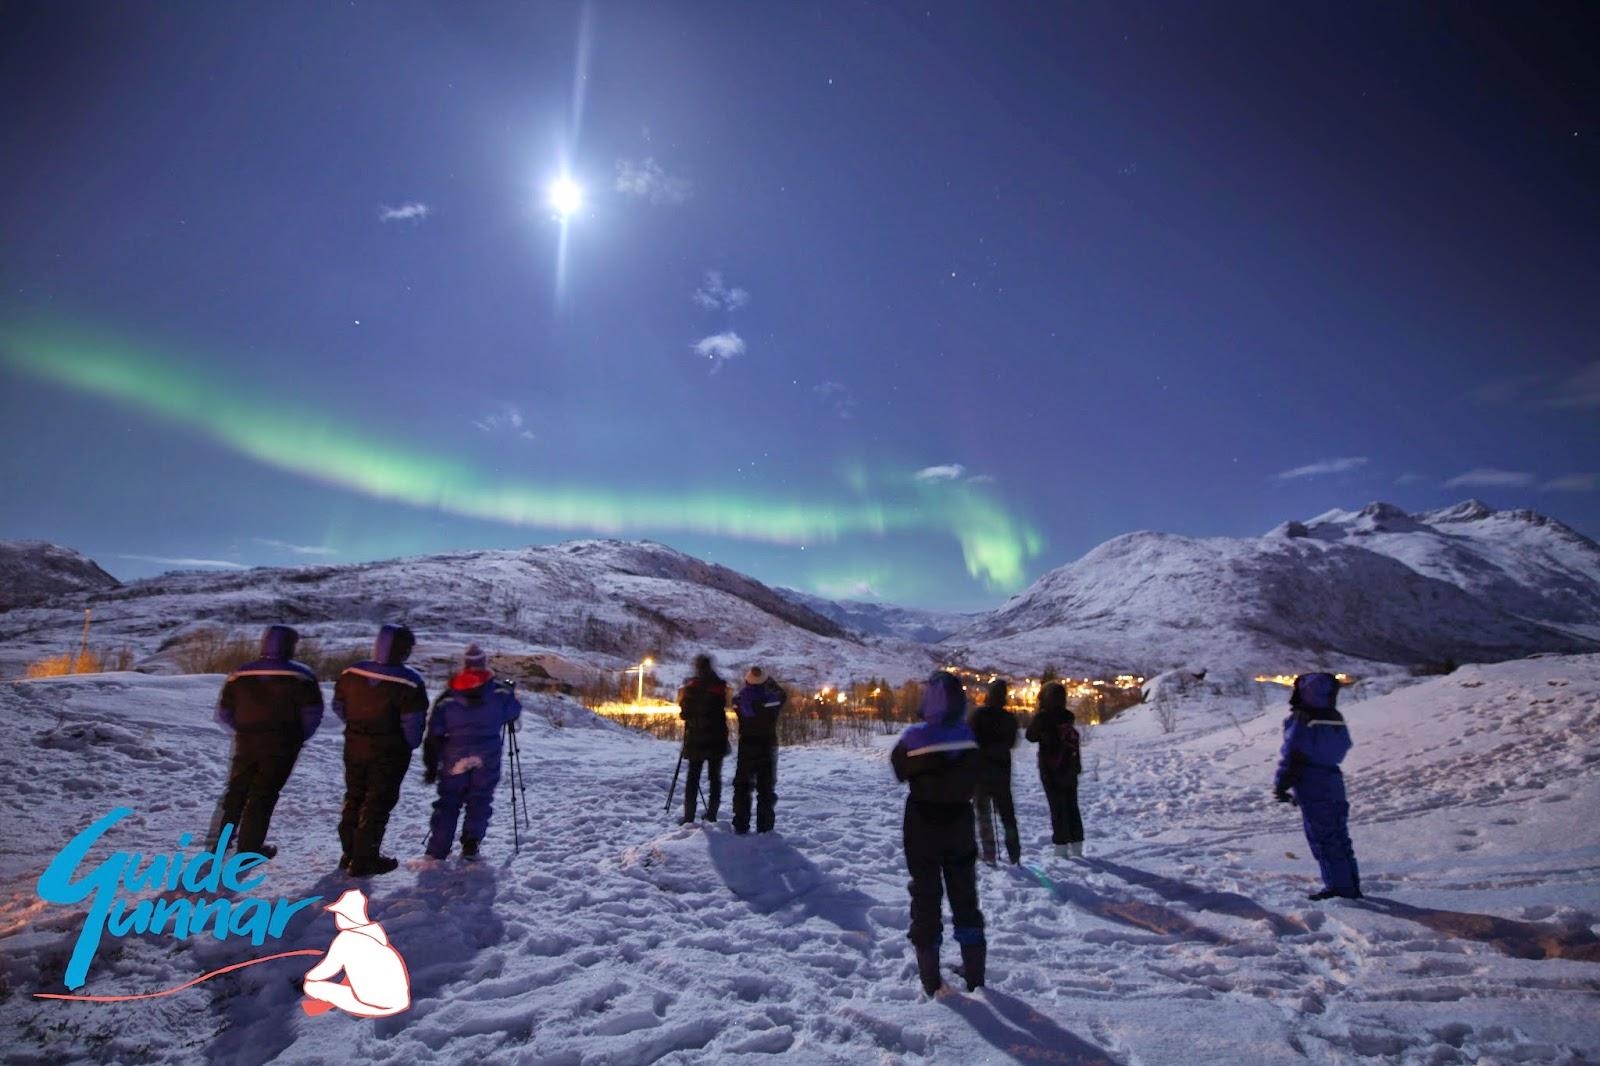 Band Northern Lights